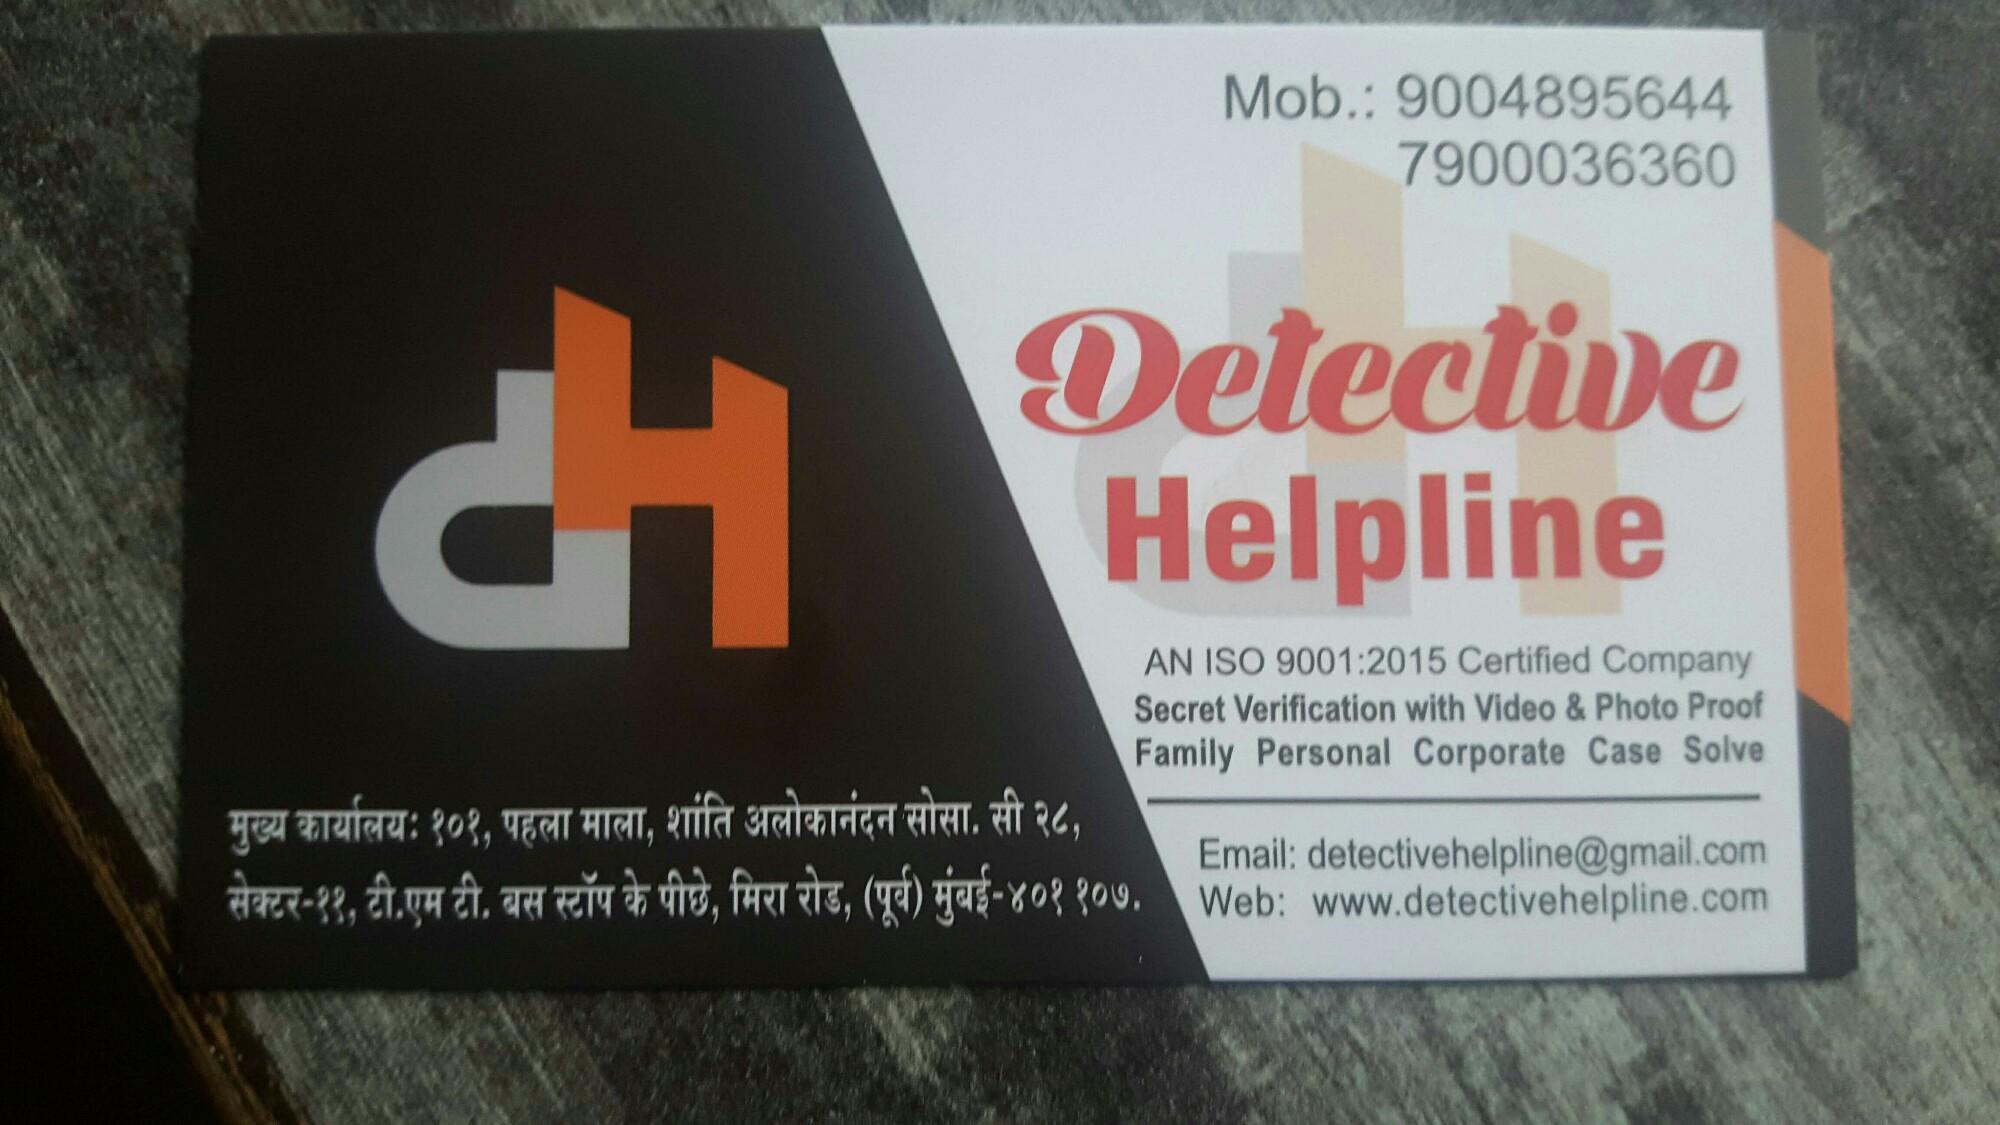 Best Cyber Crime Investigators in Borivali West, Mumbai